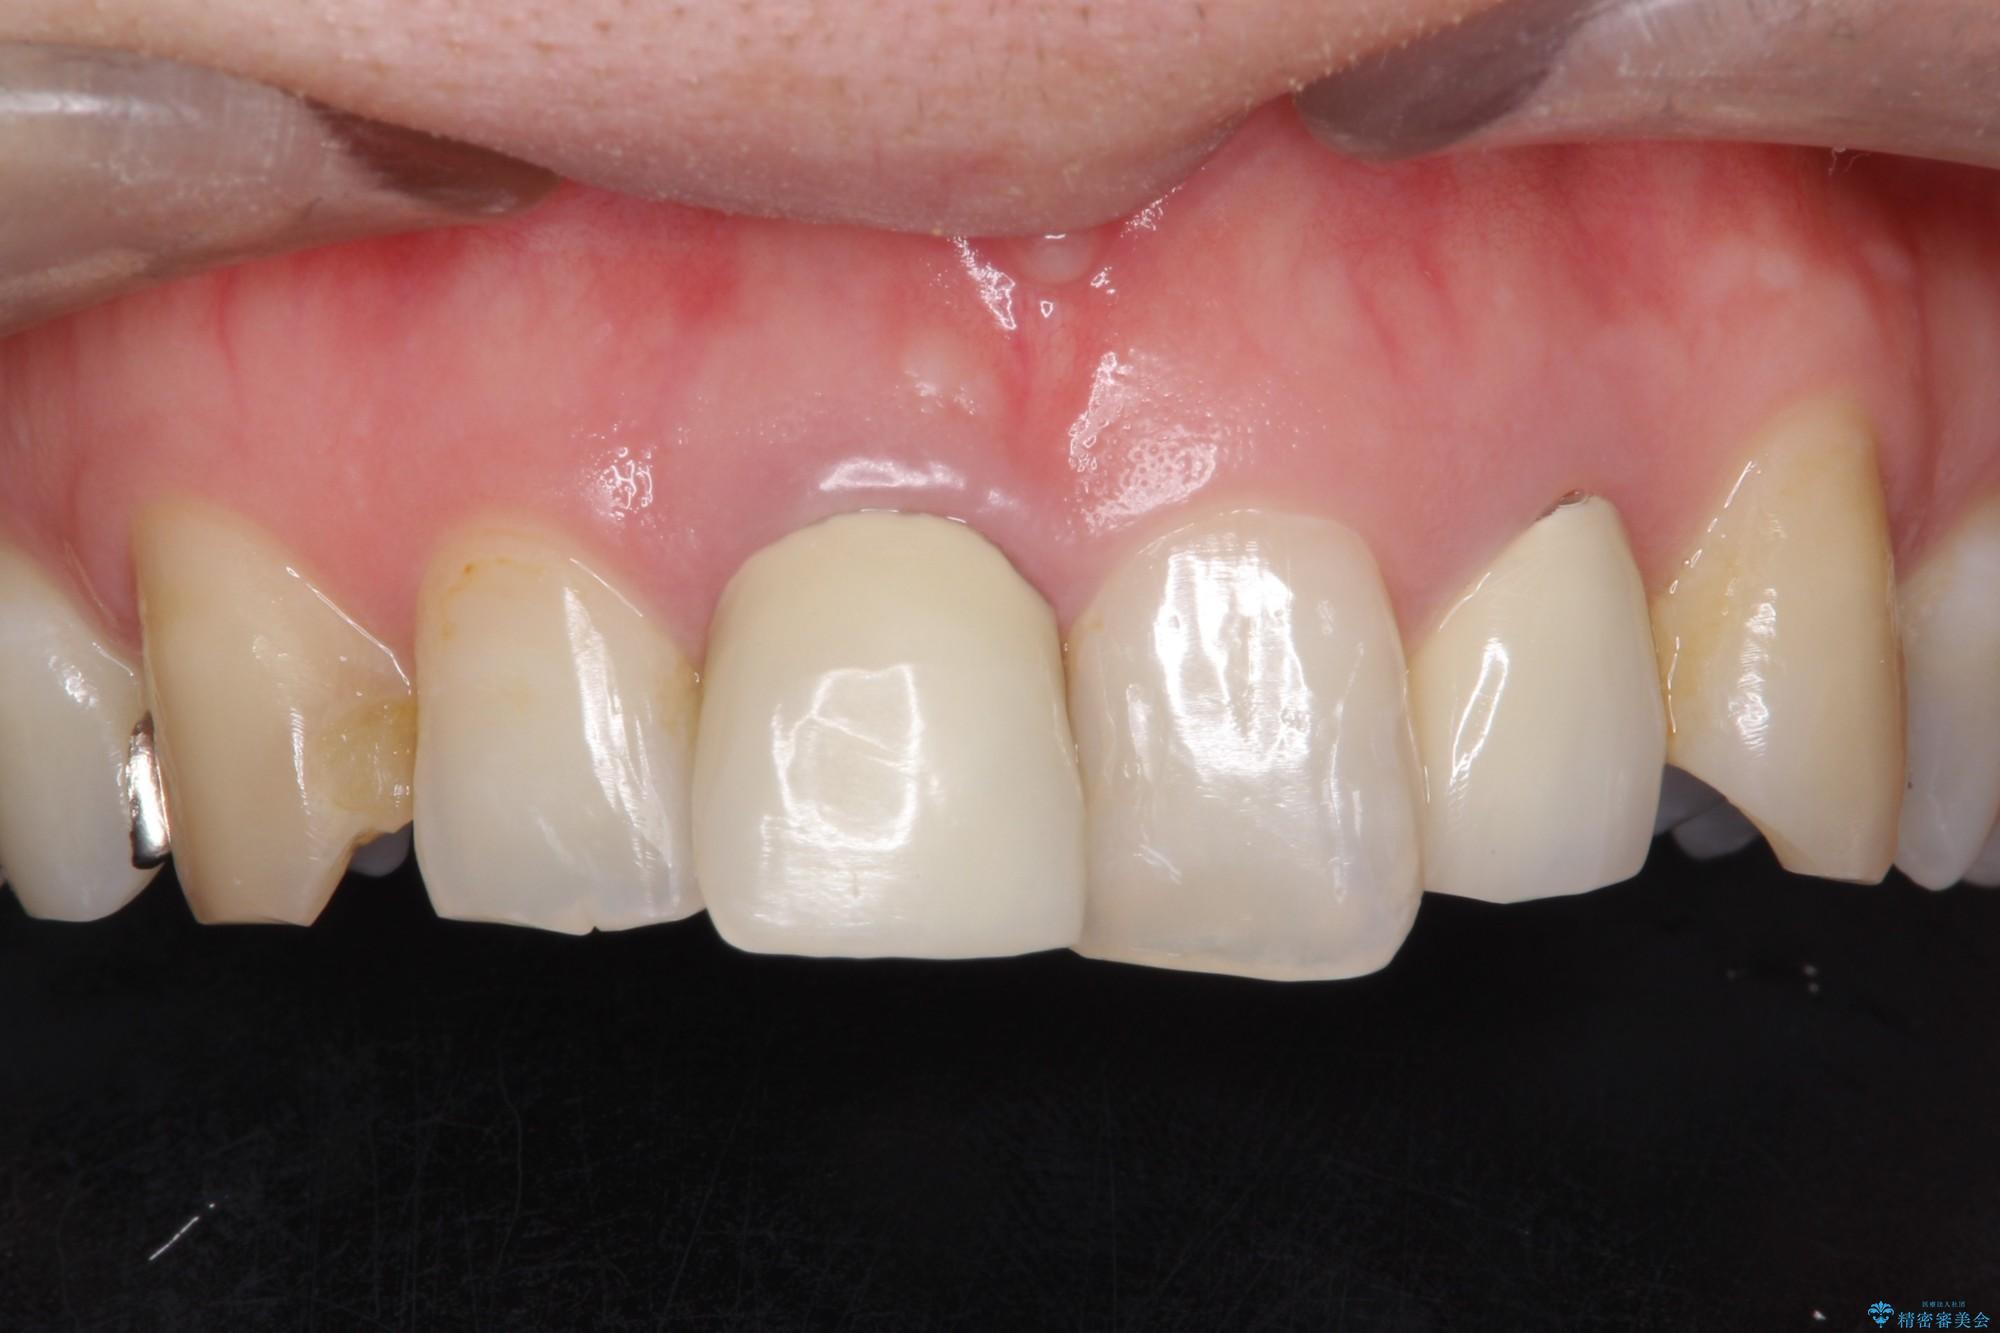 保険診療のかぶせ物を自然な前歯へやり替え(ビフォーアフター) 治療前